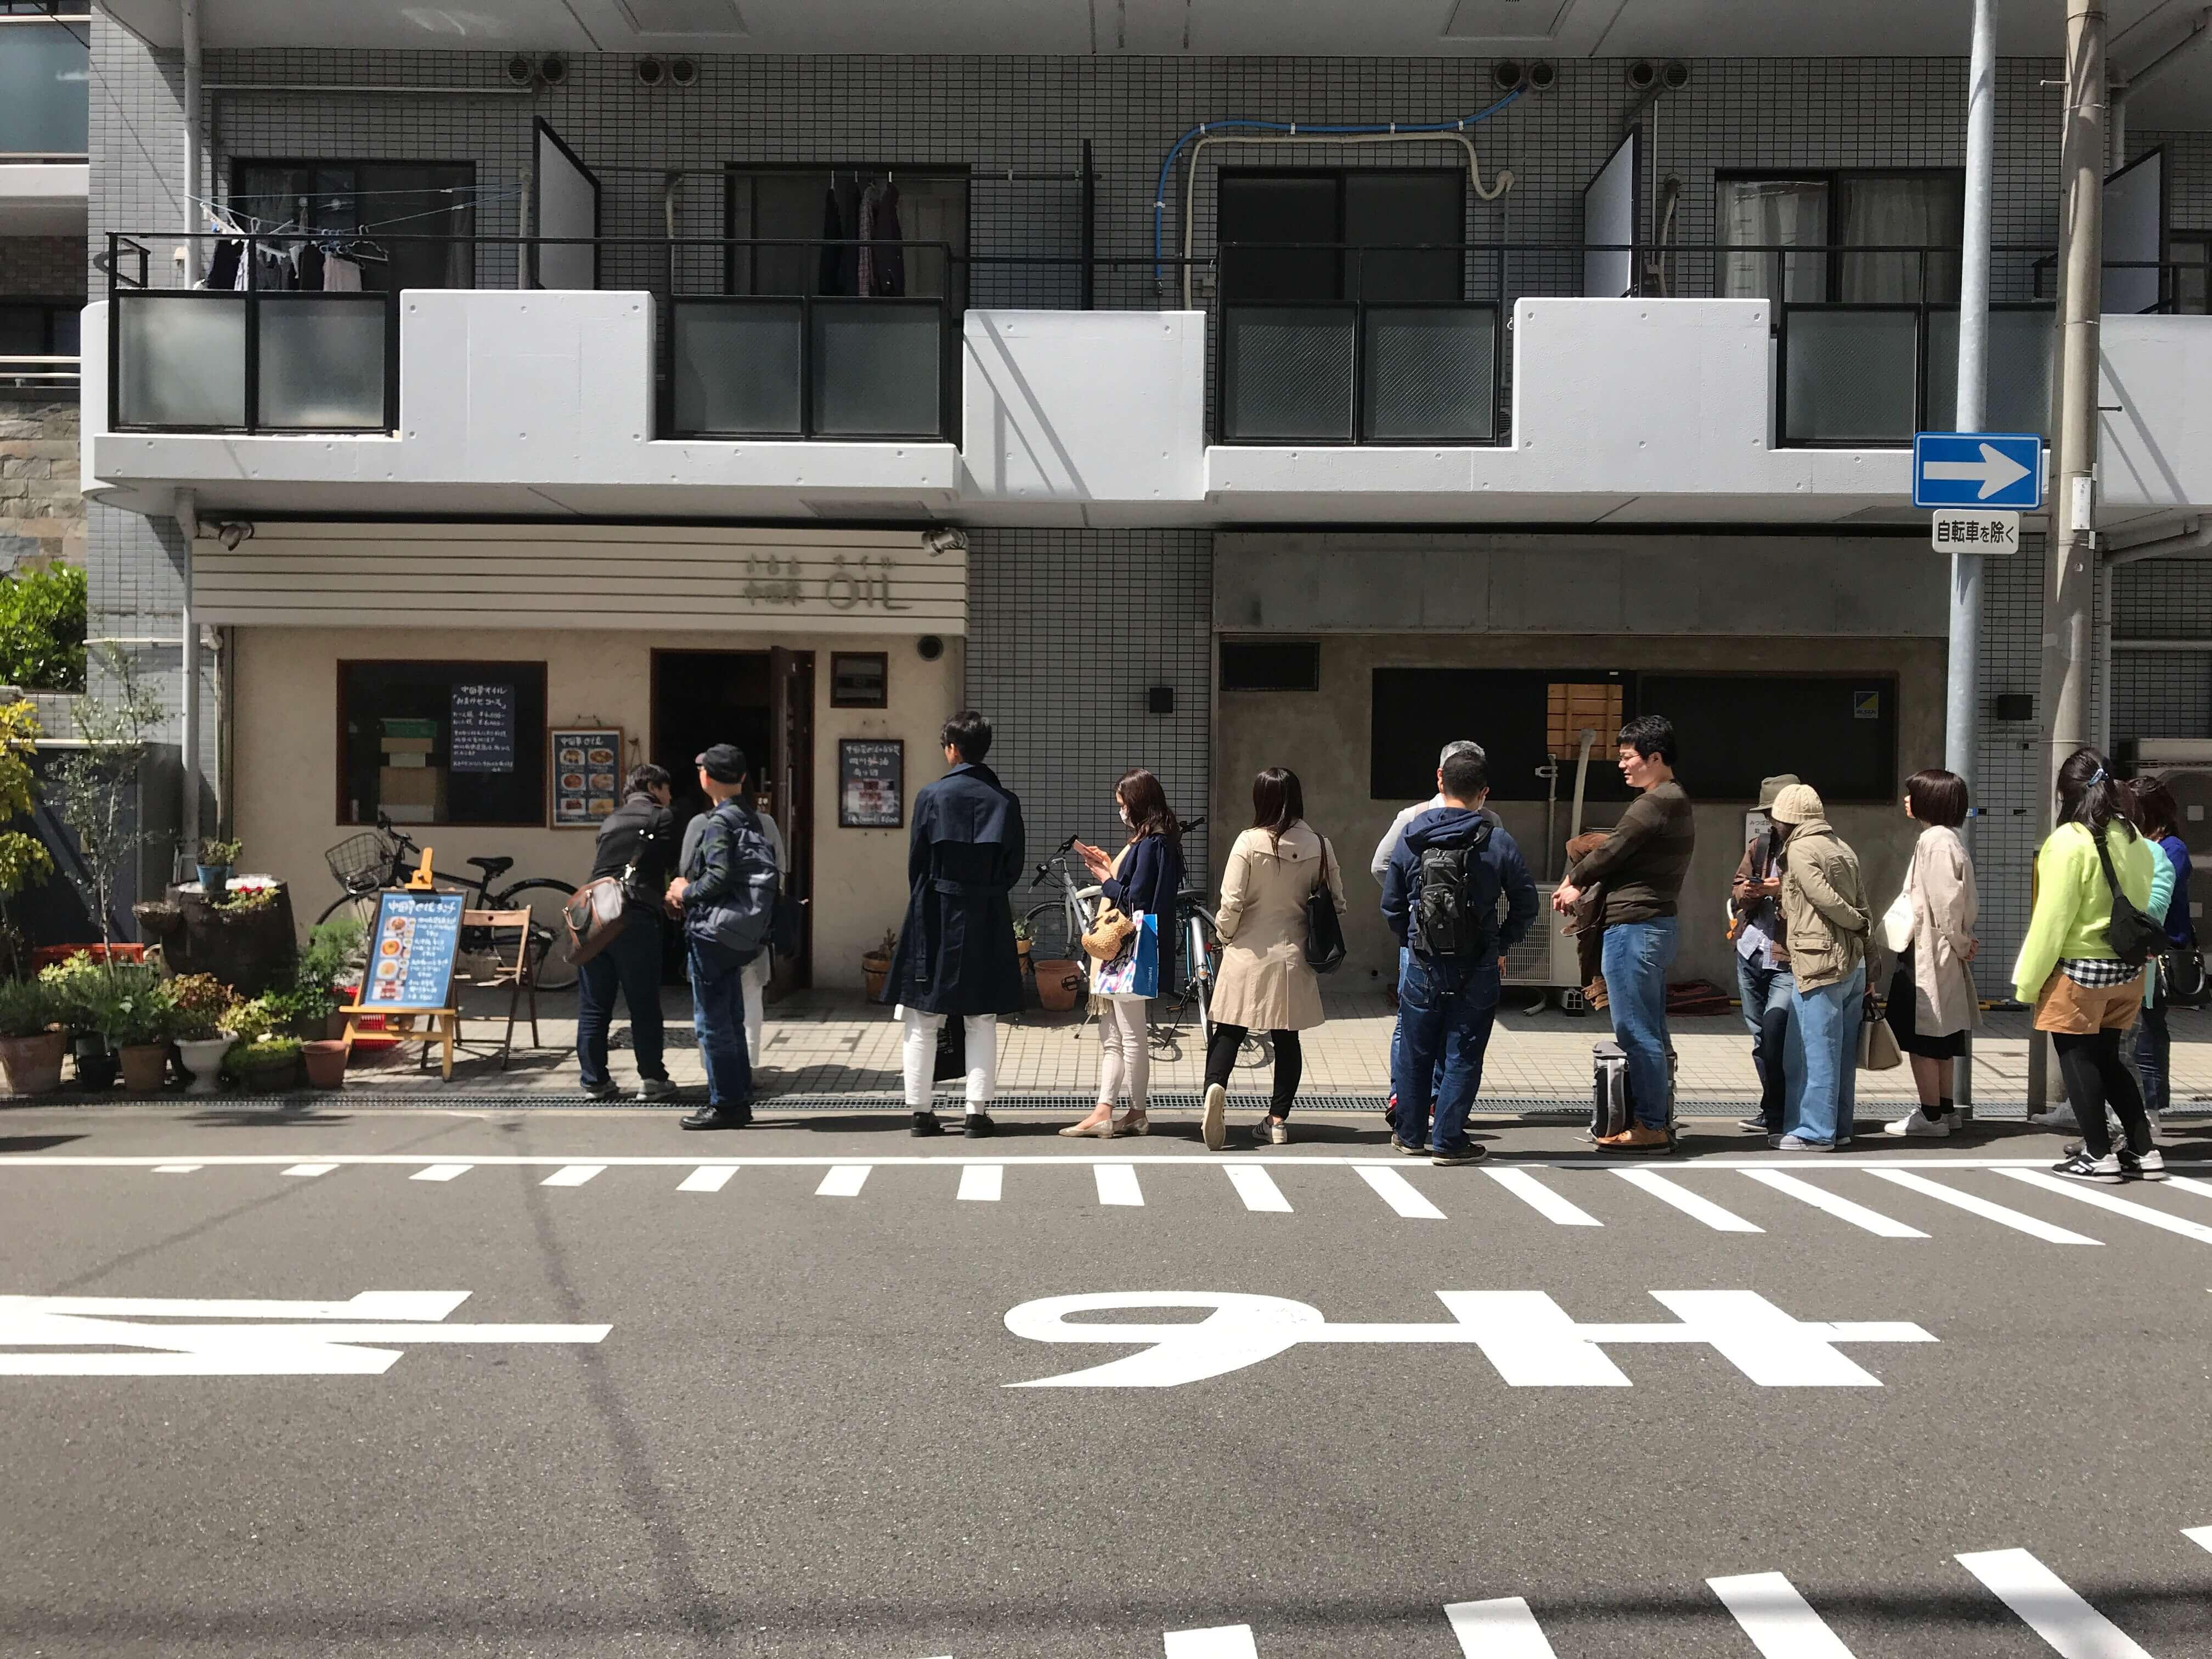 大阪環状線、阪神電鉄本線の福島駅から徒歩10分ほど。梅田スカイビルにもほど近い、隠れ家的飲食店が並び立つエリアに、ひときわ長い行列ができるお店が。